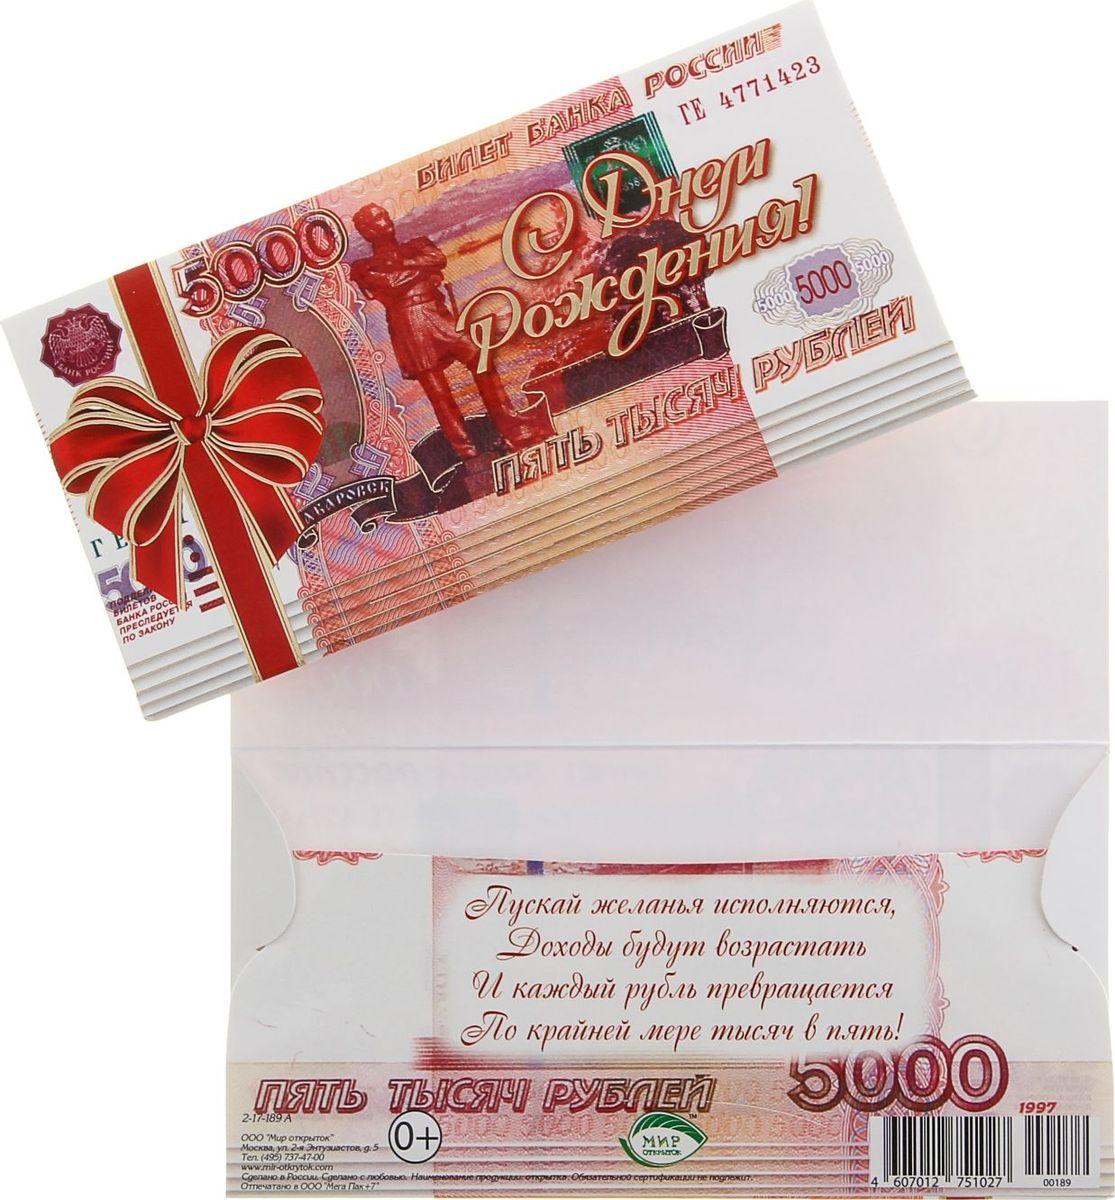 С днем рождения смешные картинки 5000 рублей, картинки про